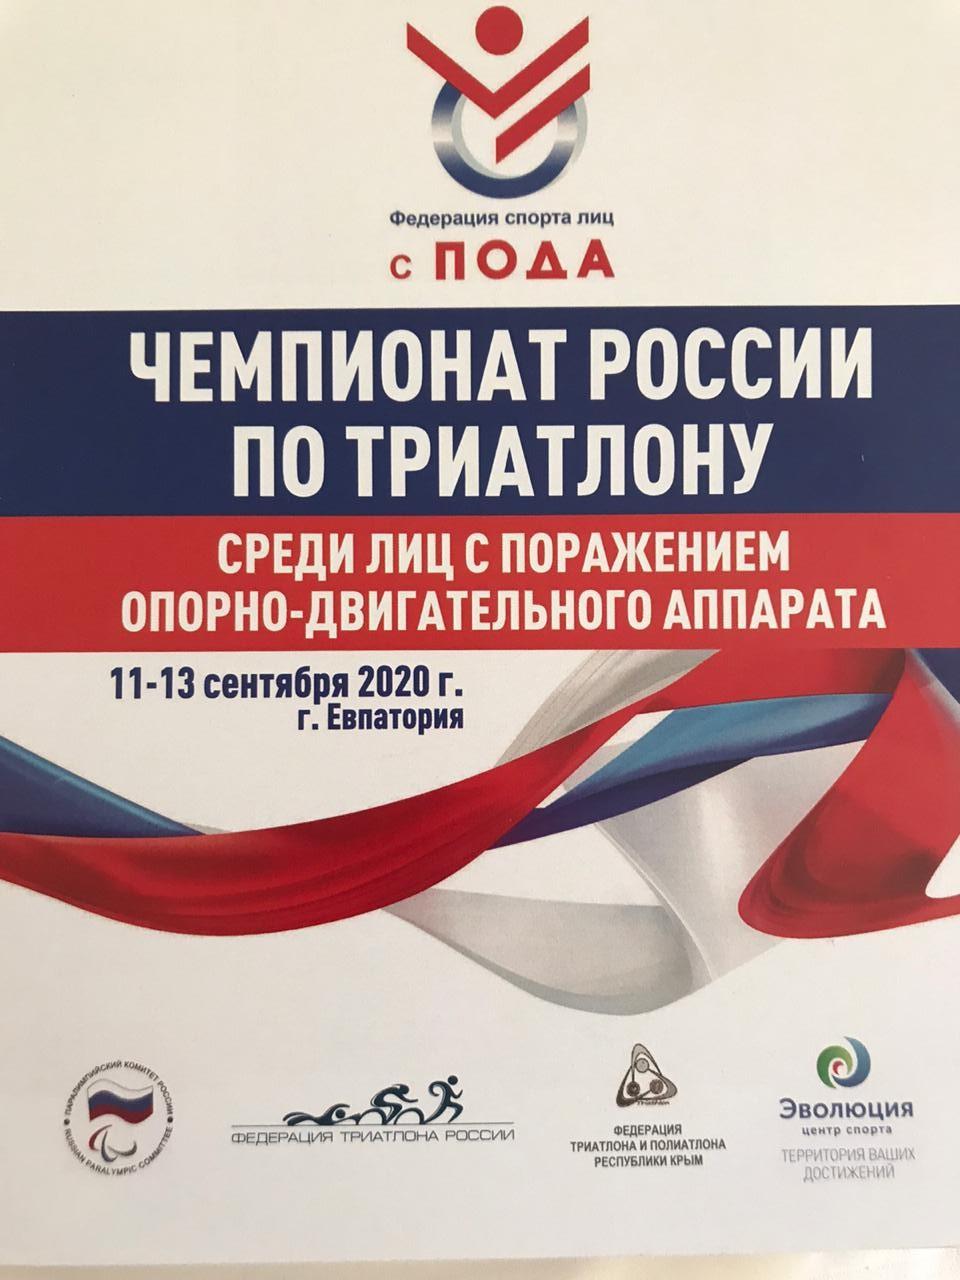 Всероссийская федерация спорта лиц с ПОДА в Евпатории проведет чемпионат России по паратриатлону